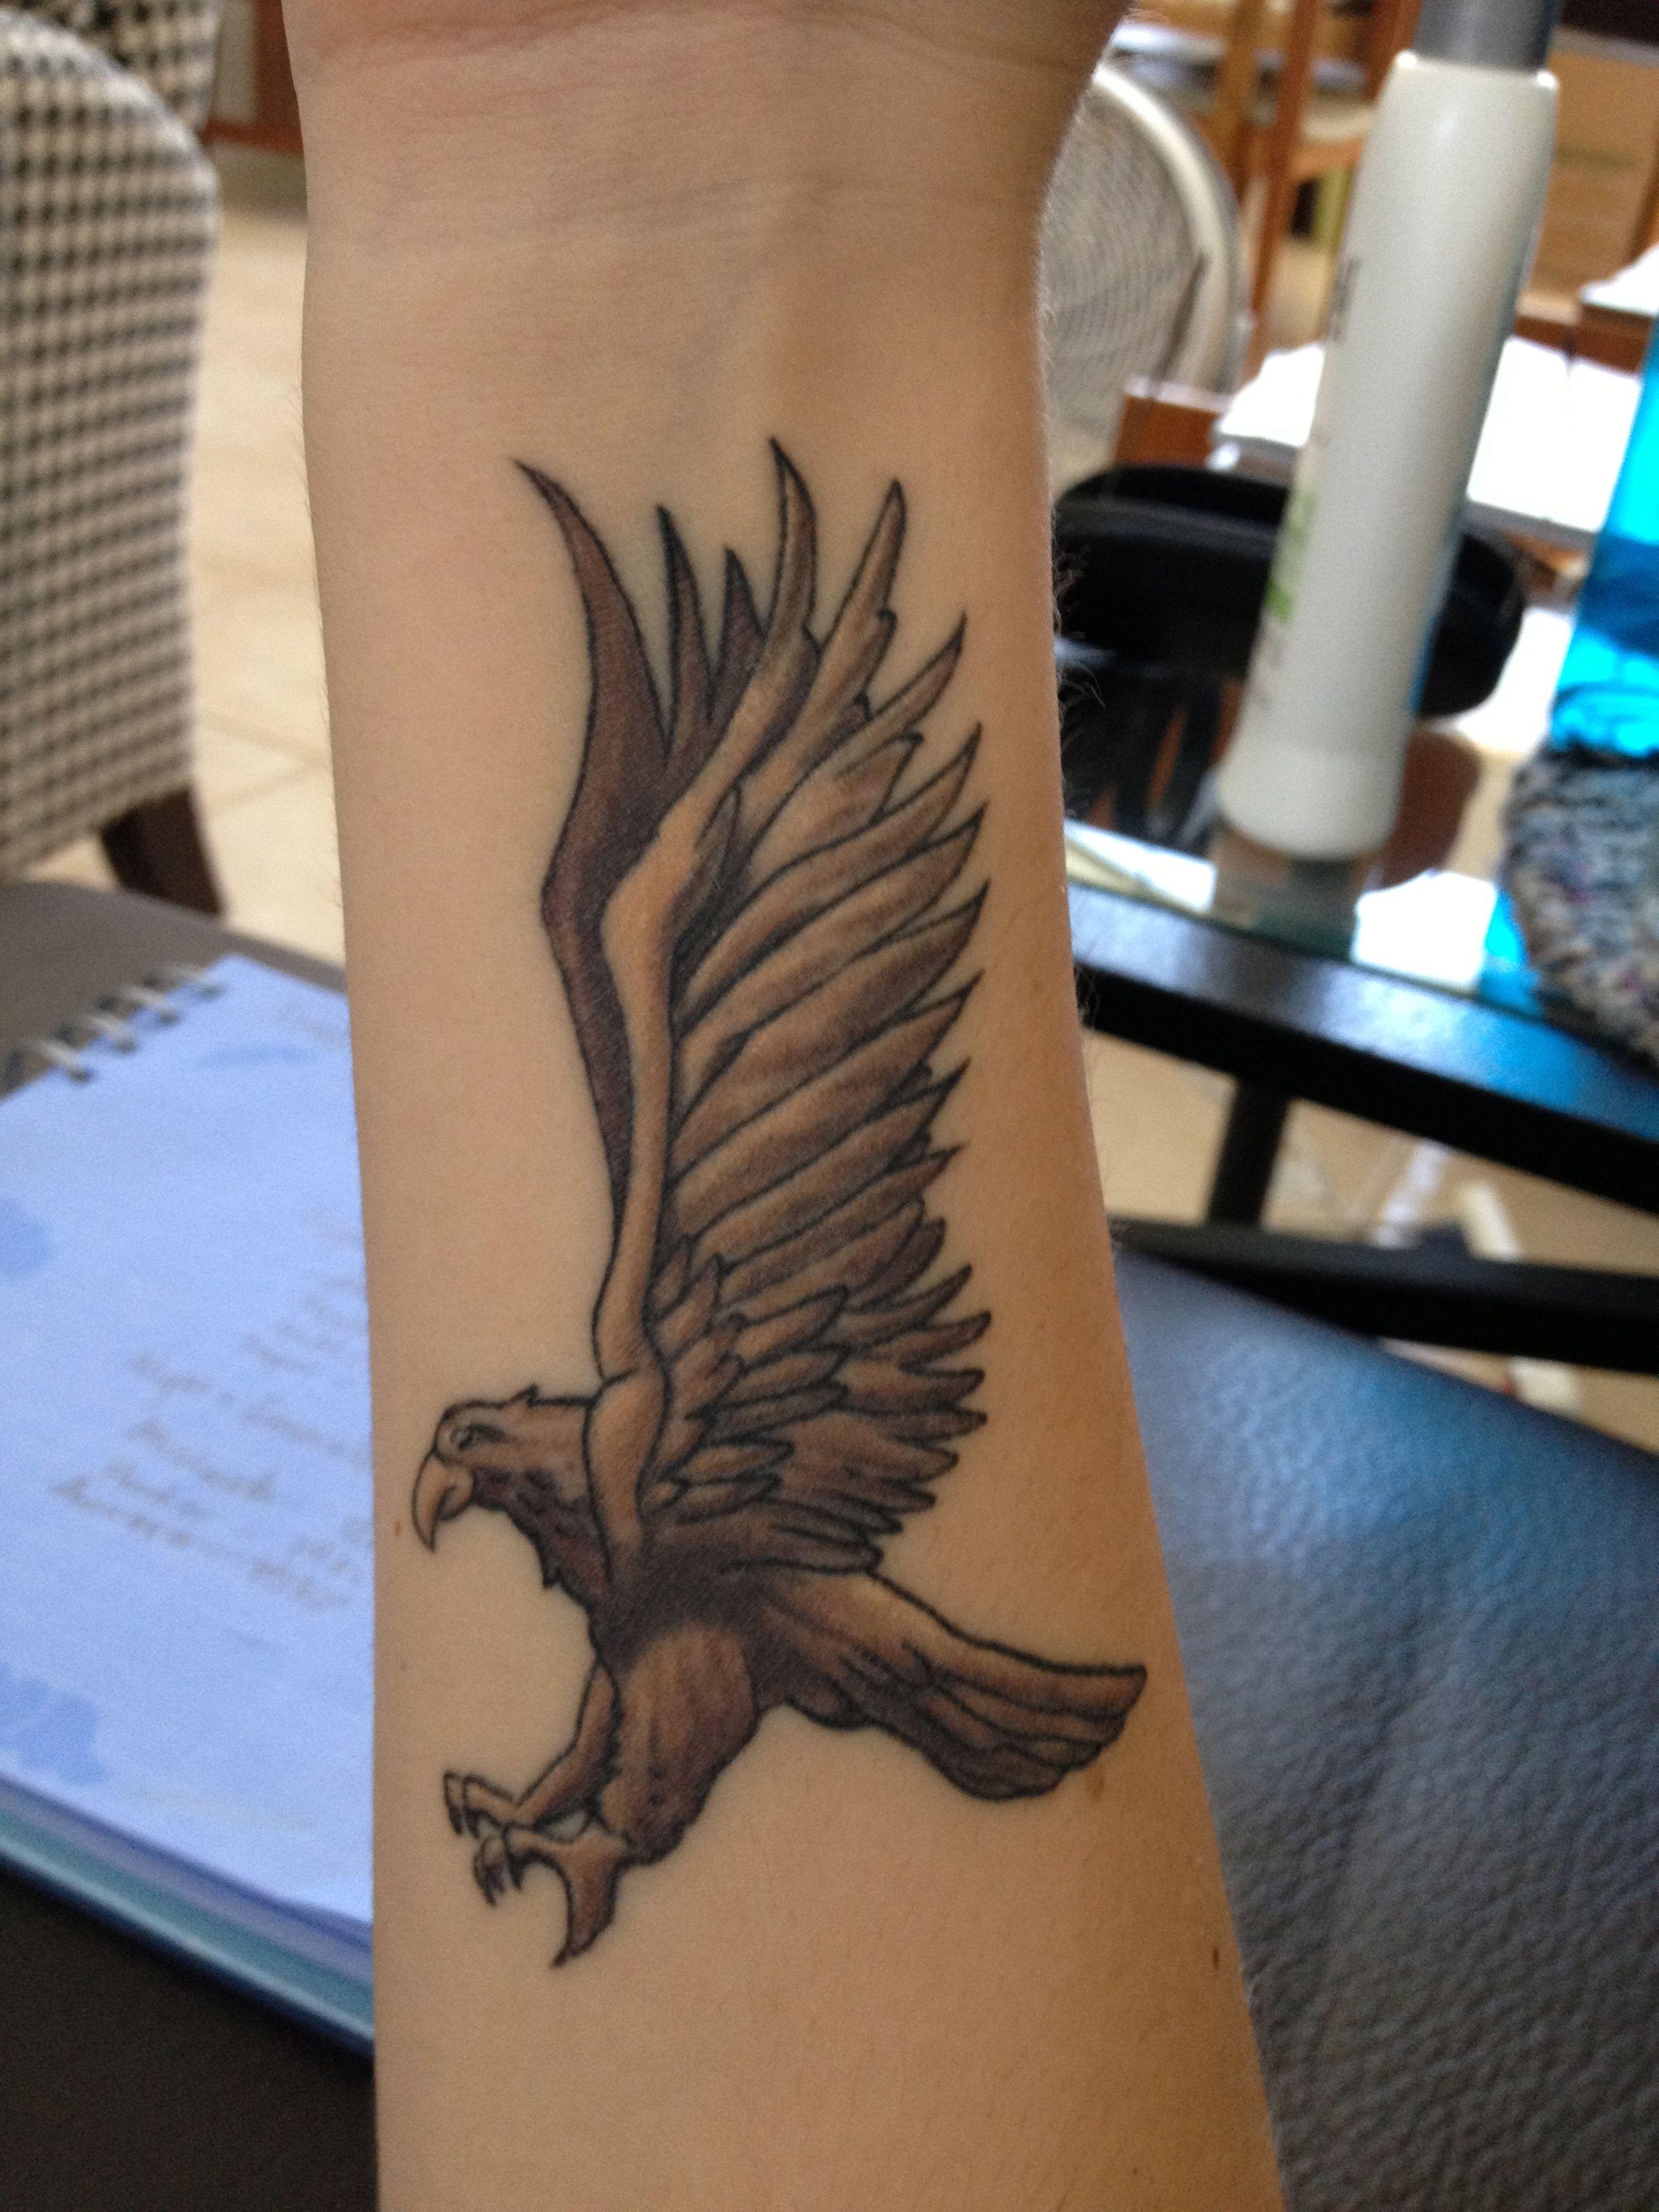 My Ravenclaw Tattoo